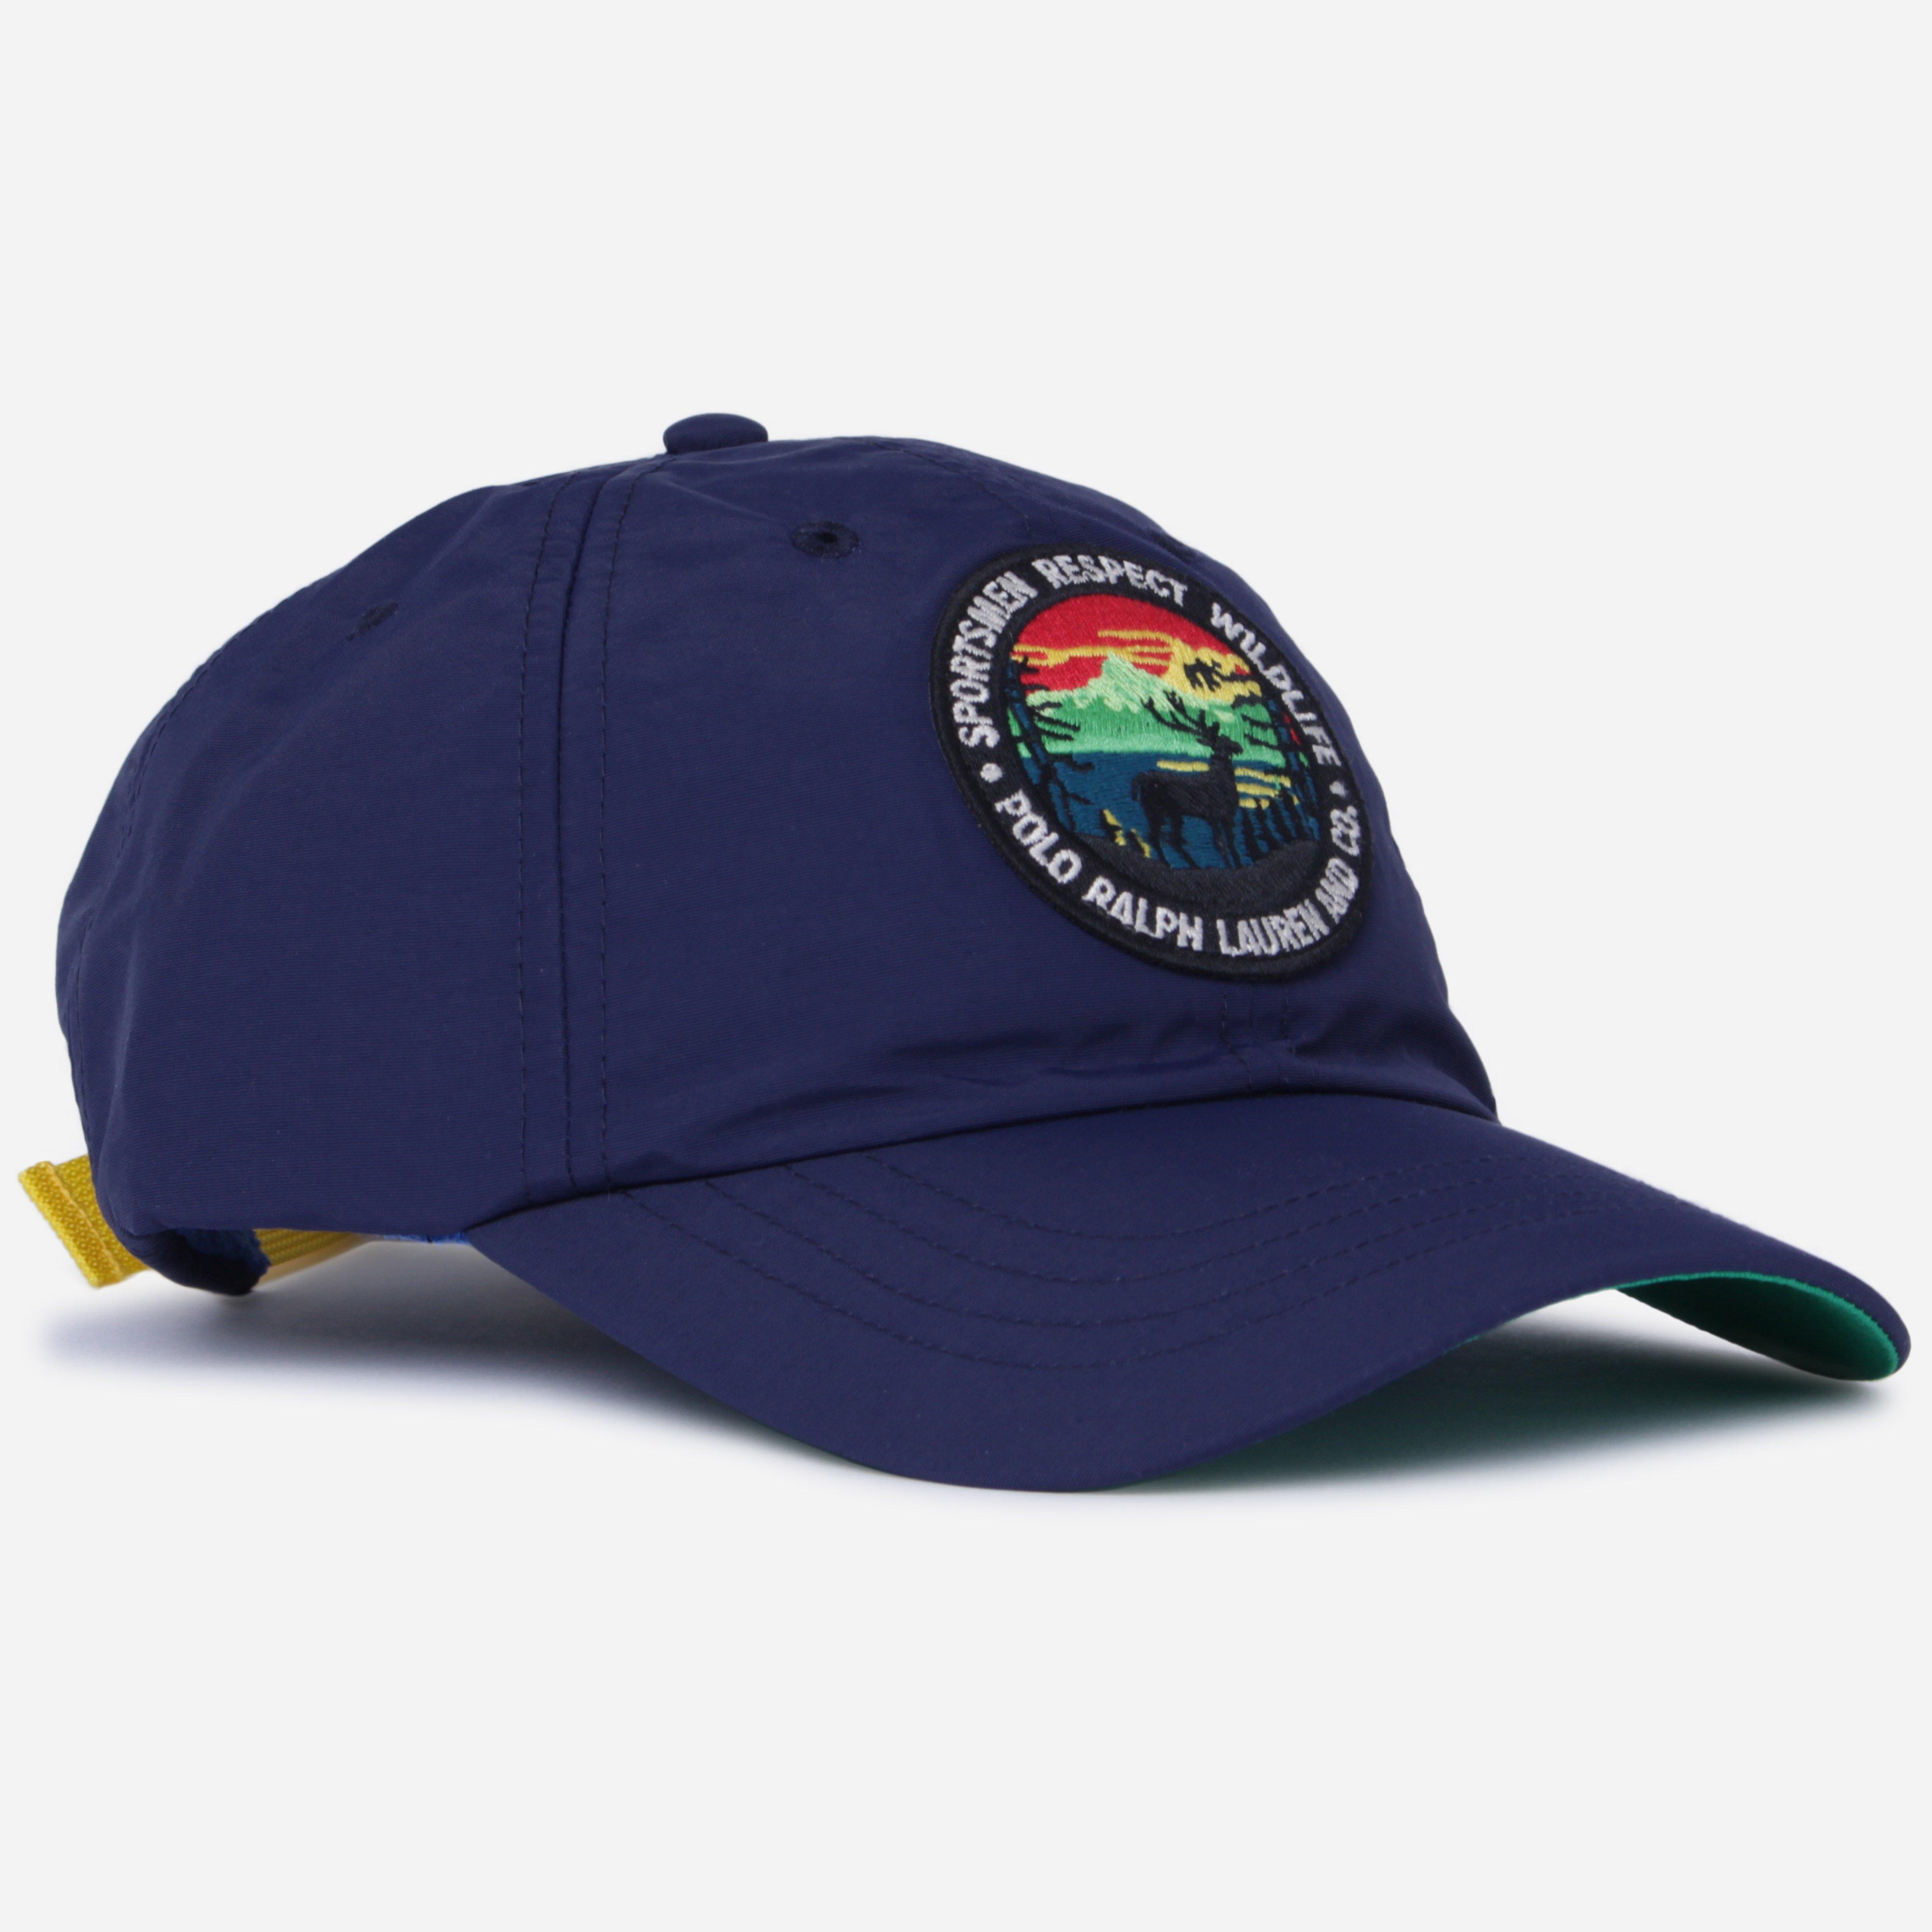 668e809c2805d Lyst - Polo Ralph Lauren Appliquéd Nylon Cap in Blue for Men - Save 9%